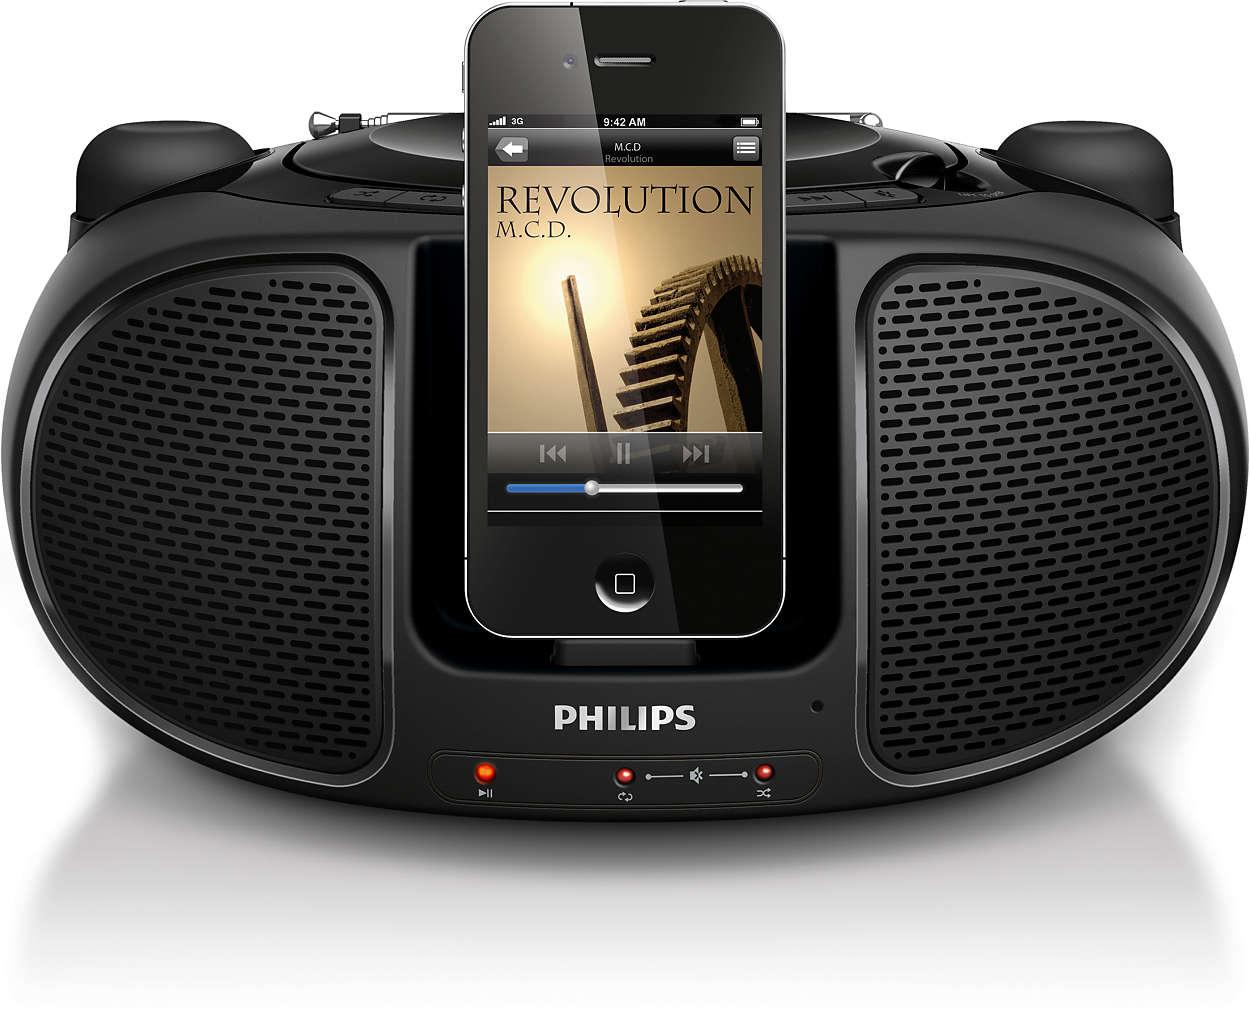 Hør på musikk fra iPod/iPhone uansett hvor du er